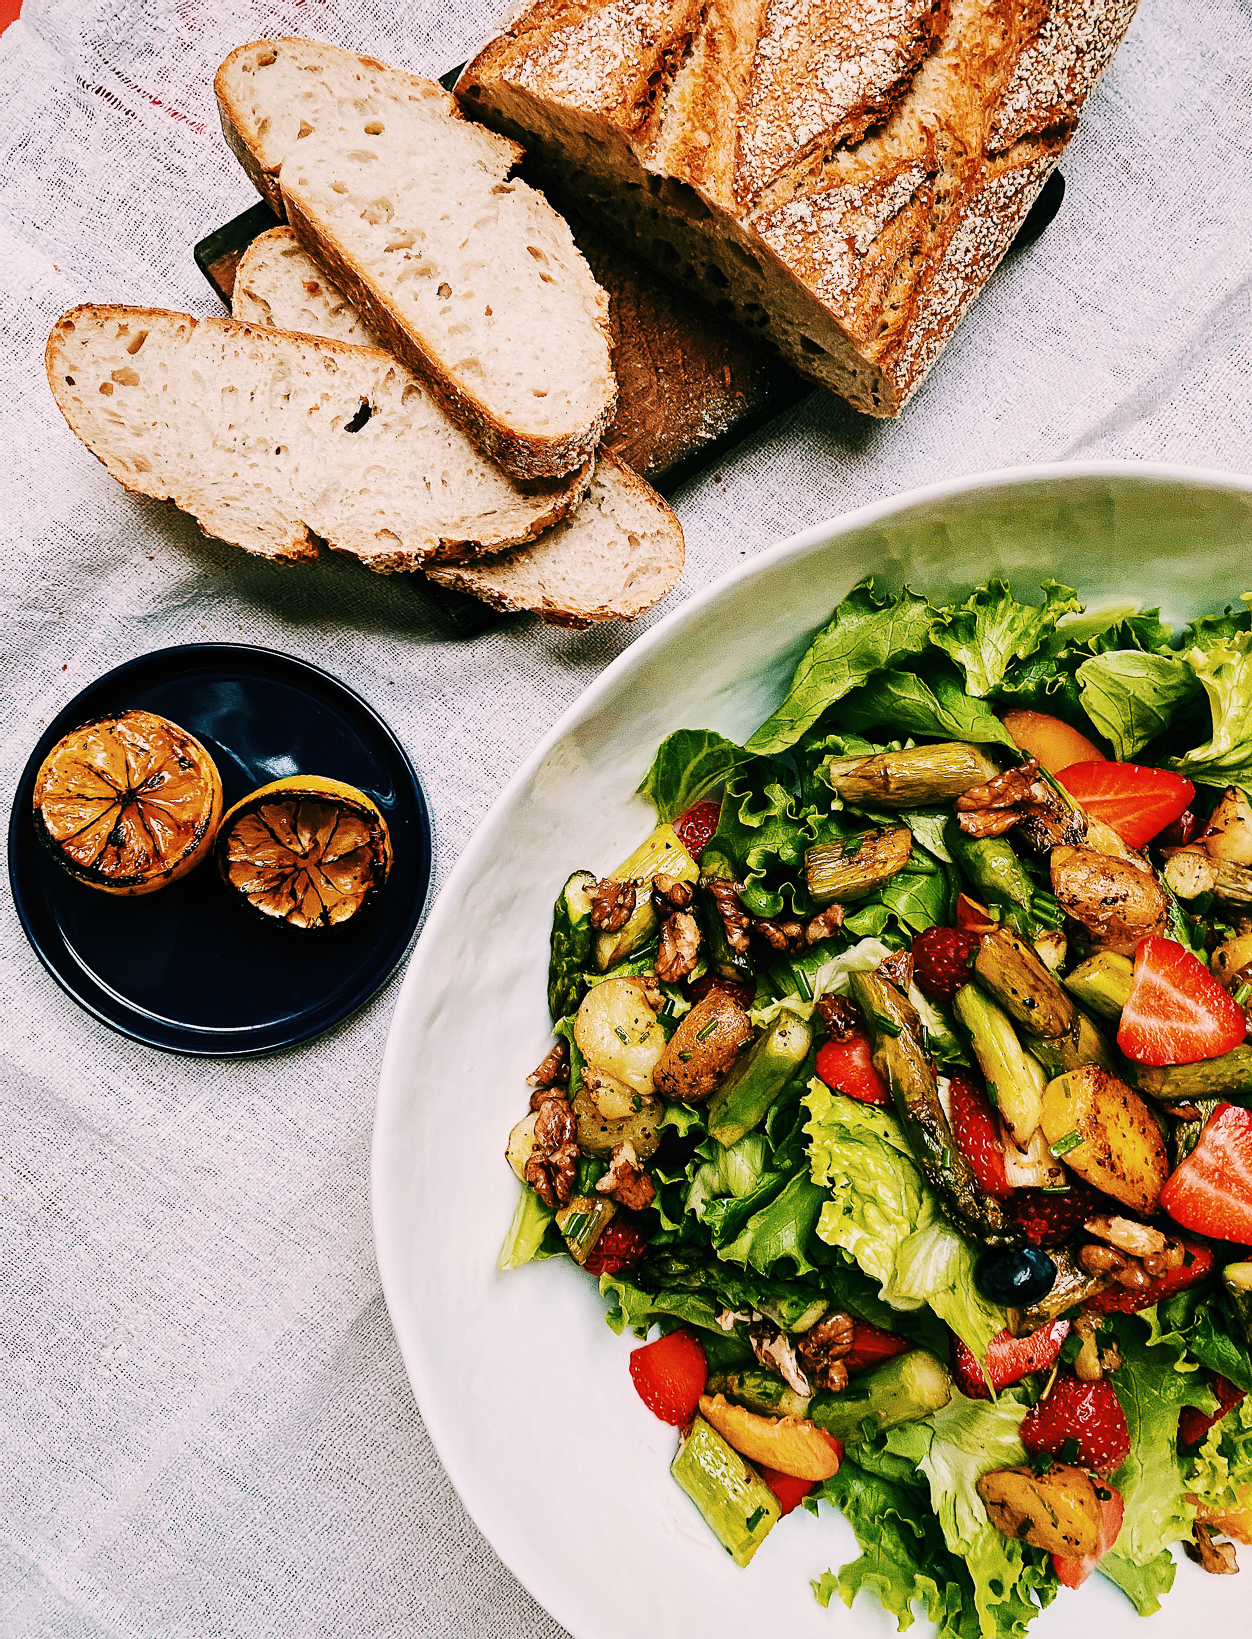 Grüner Salat mit Spargel, Beeren und gegrillten Zitronen